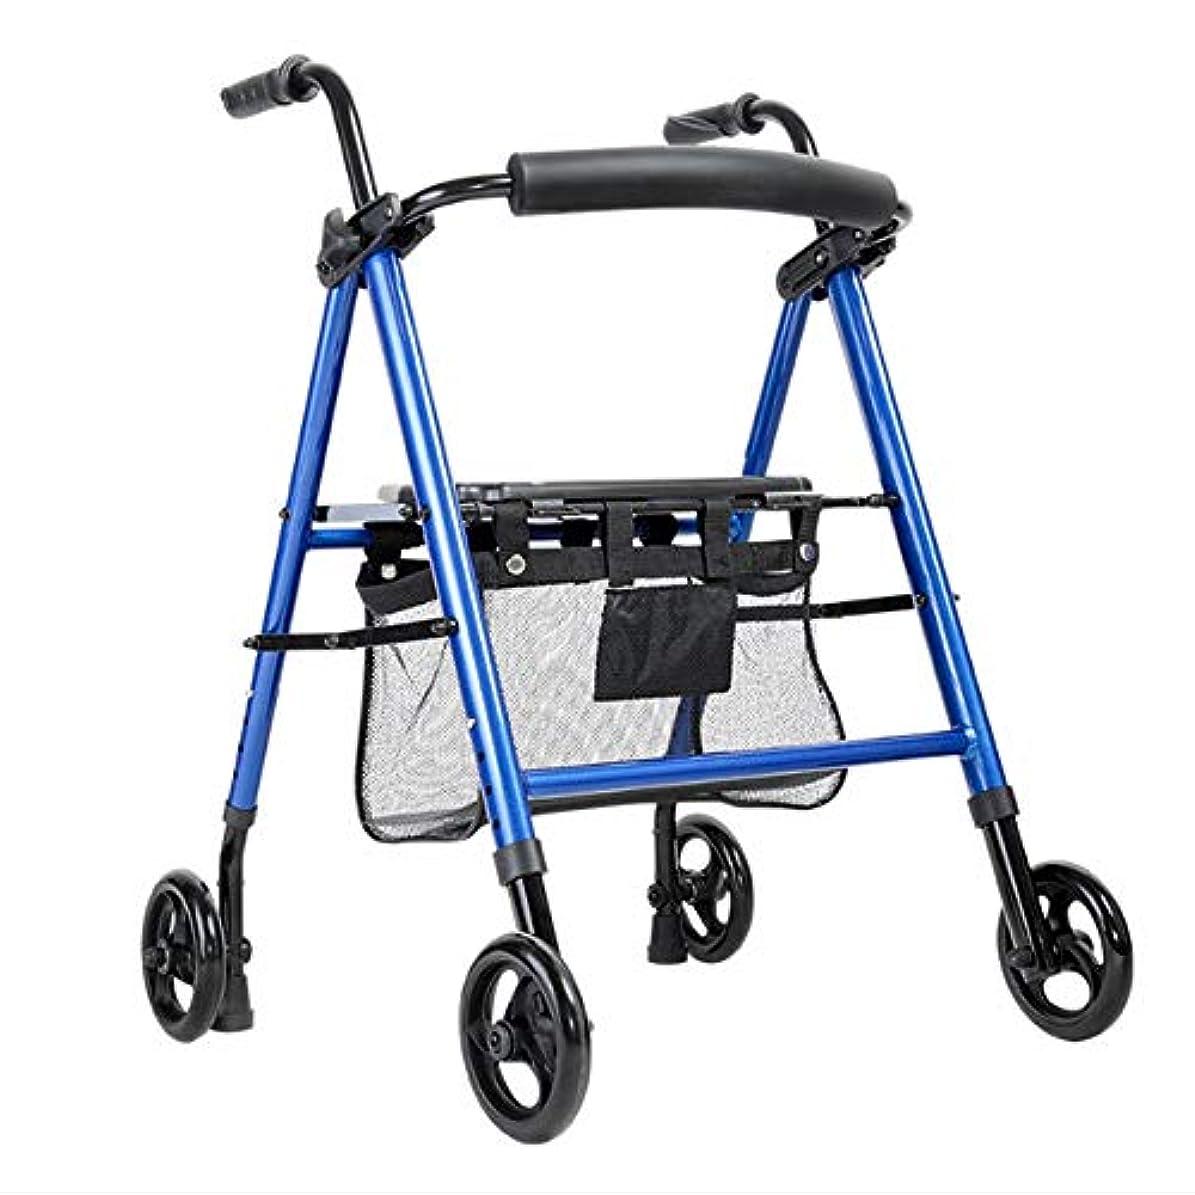 平凡倉庫租界四輪ヘビーデューティーウォーカー、ウォーカー、高齢者、手術後、怪我用の休憩シート